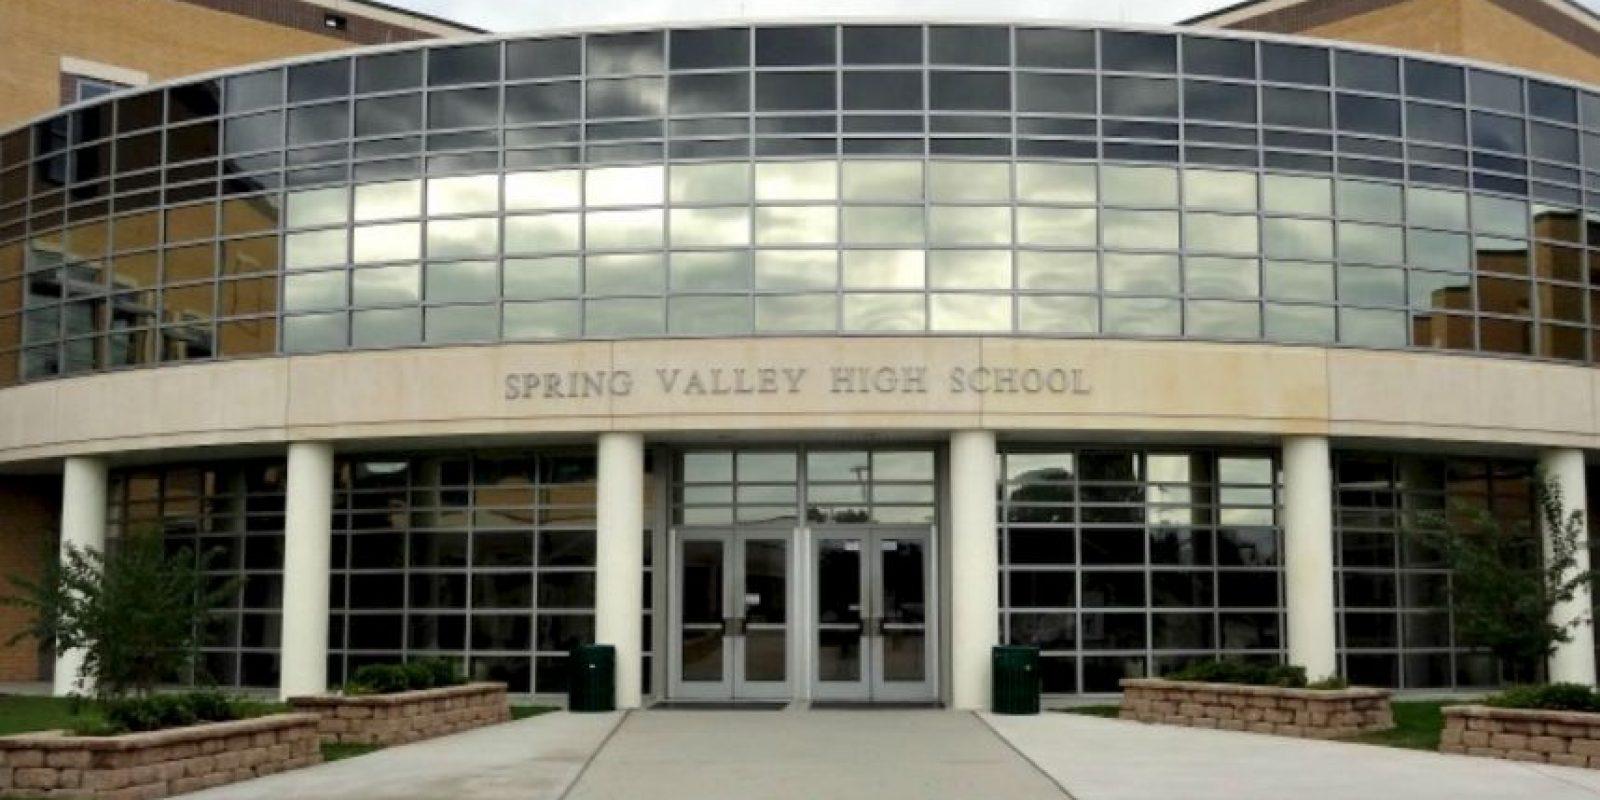 Todo ocurrió en las instalaciones de la escuela Spring Valley High School en Estados Unidos. Foto:Vía facebook.com/springvalleyvikings